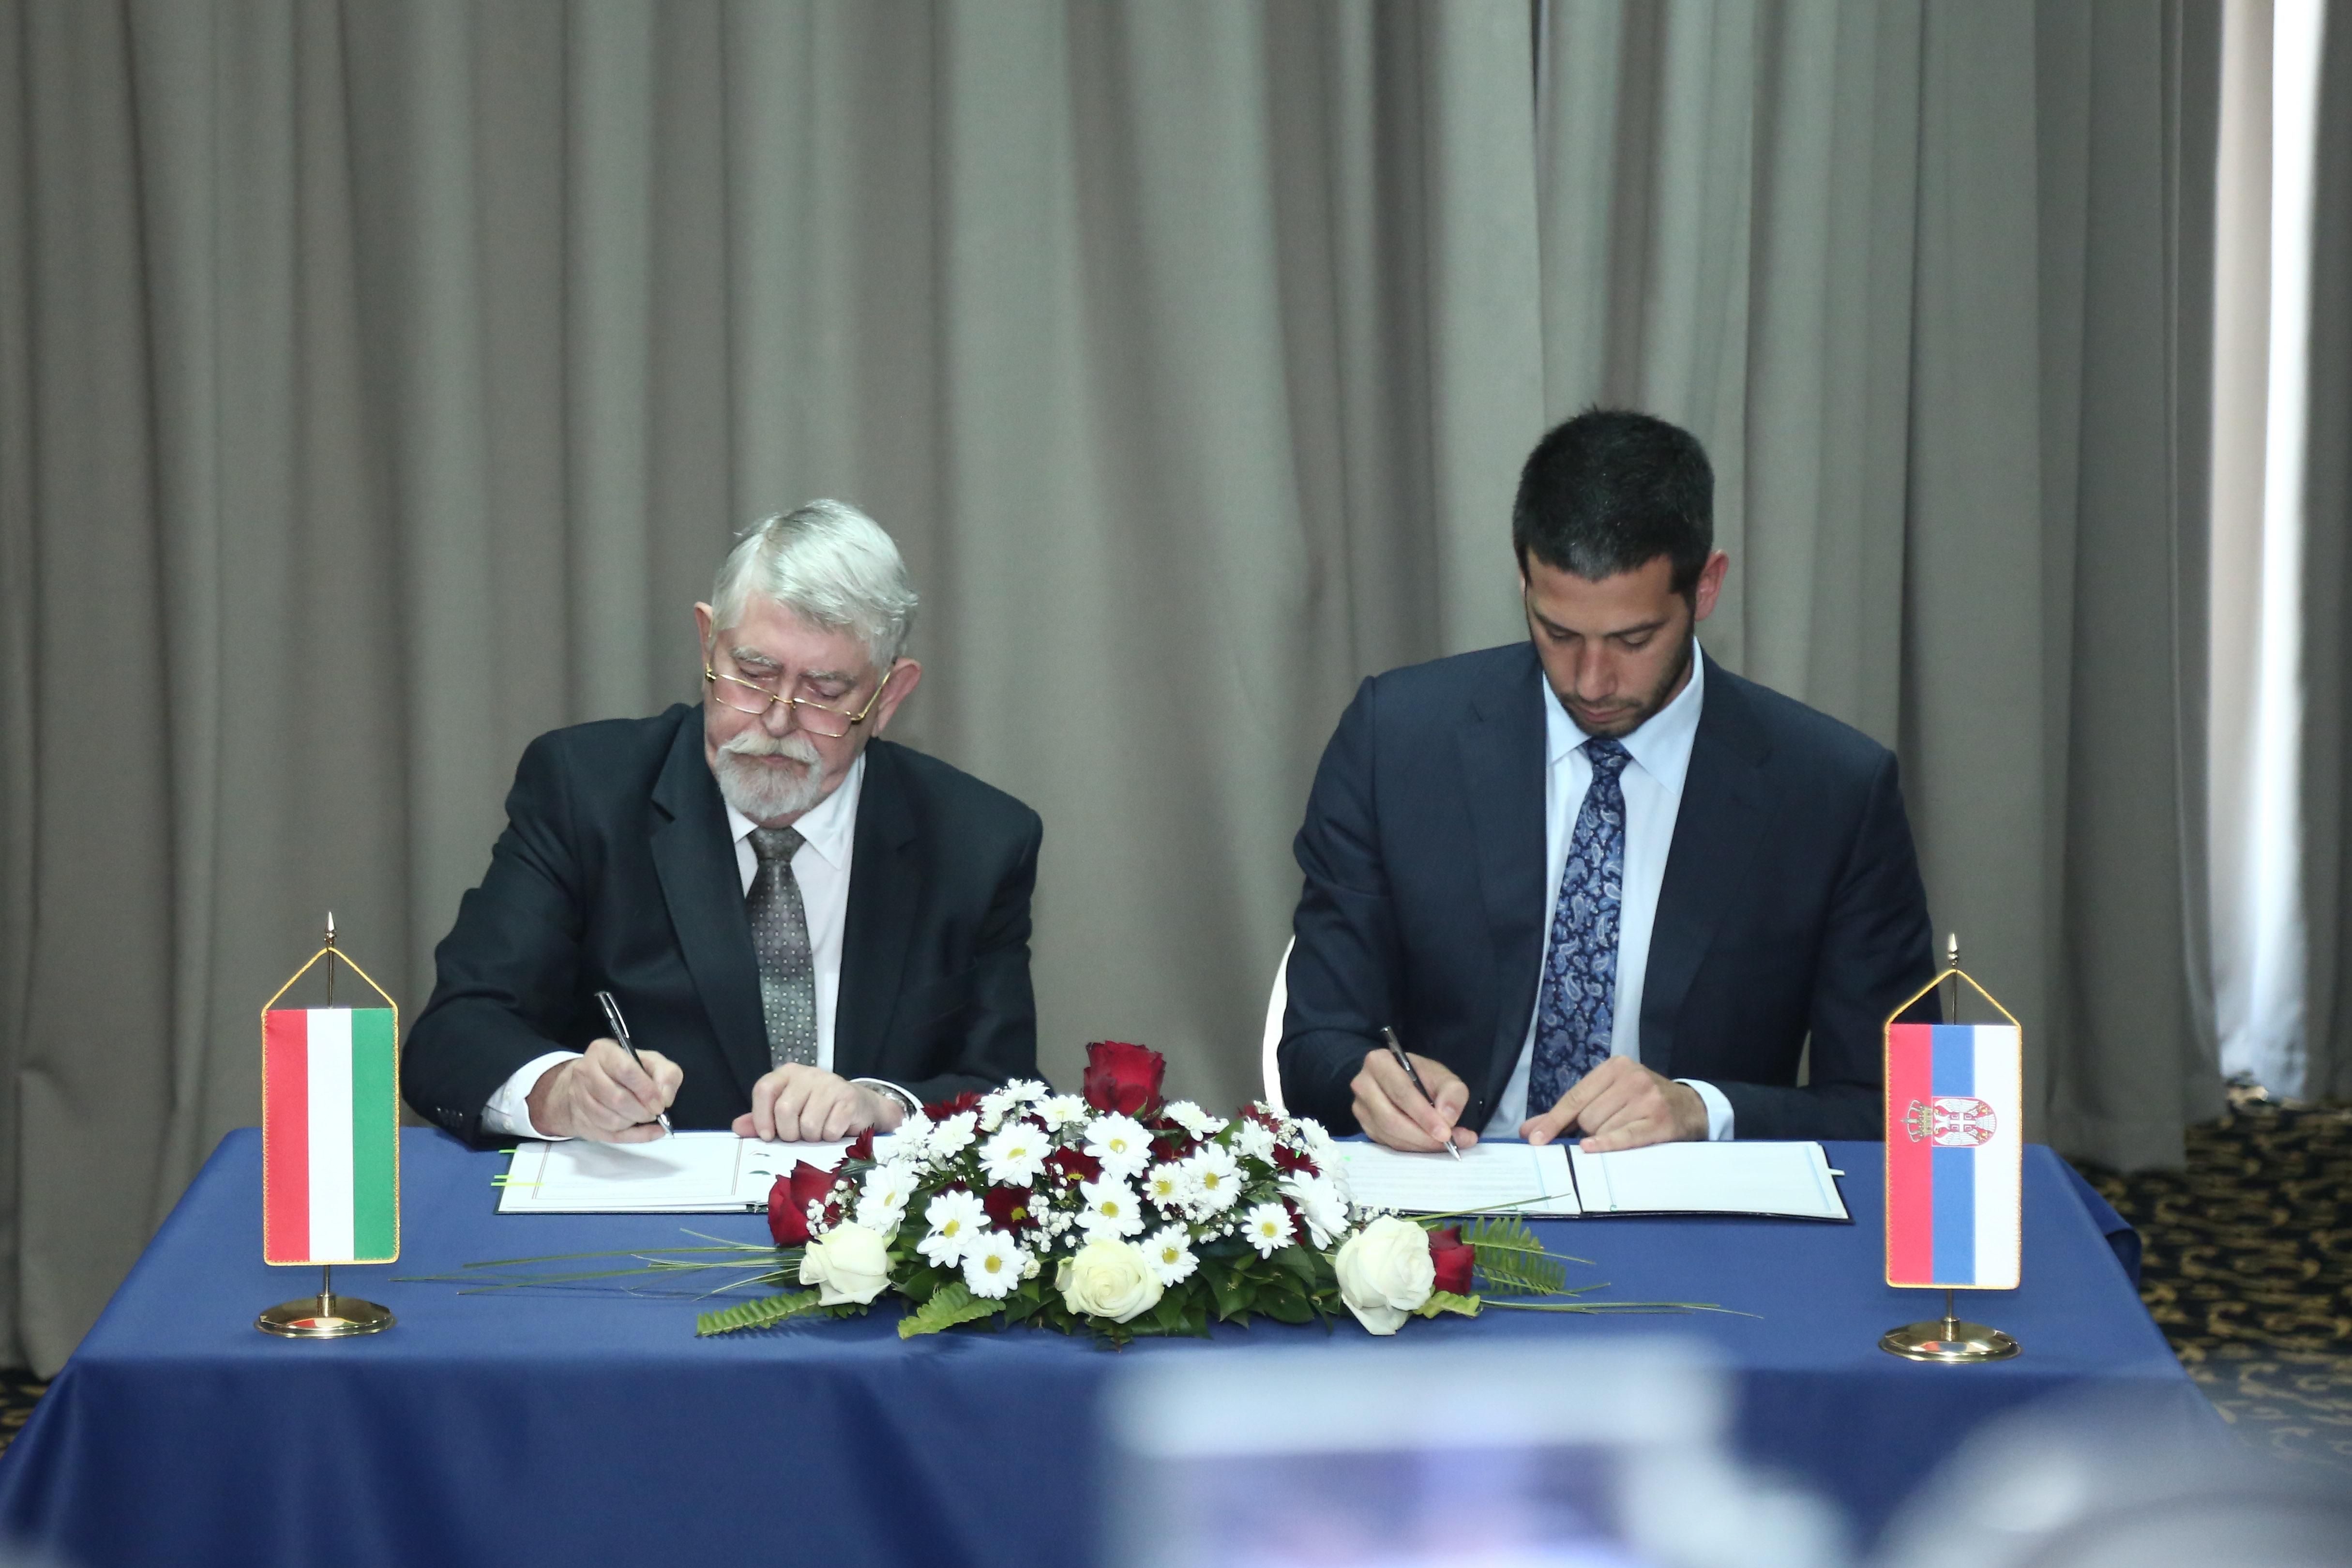 Потписан Меморандум о сарадњи у области омладине и спорта између Србије и Мађарске